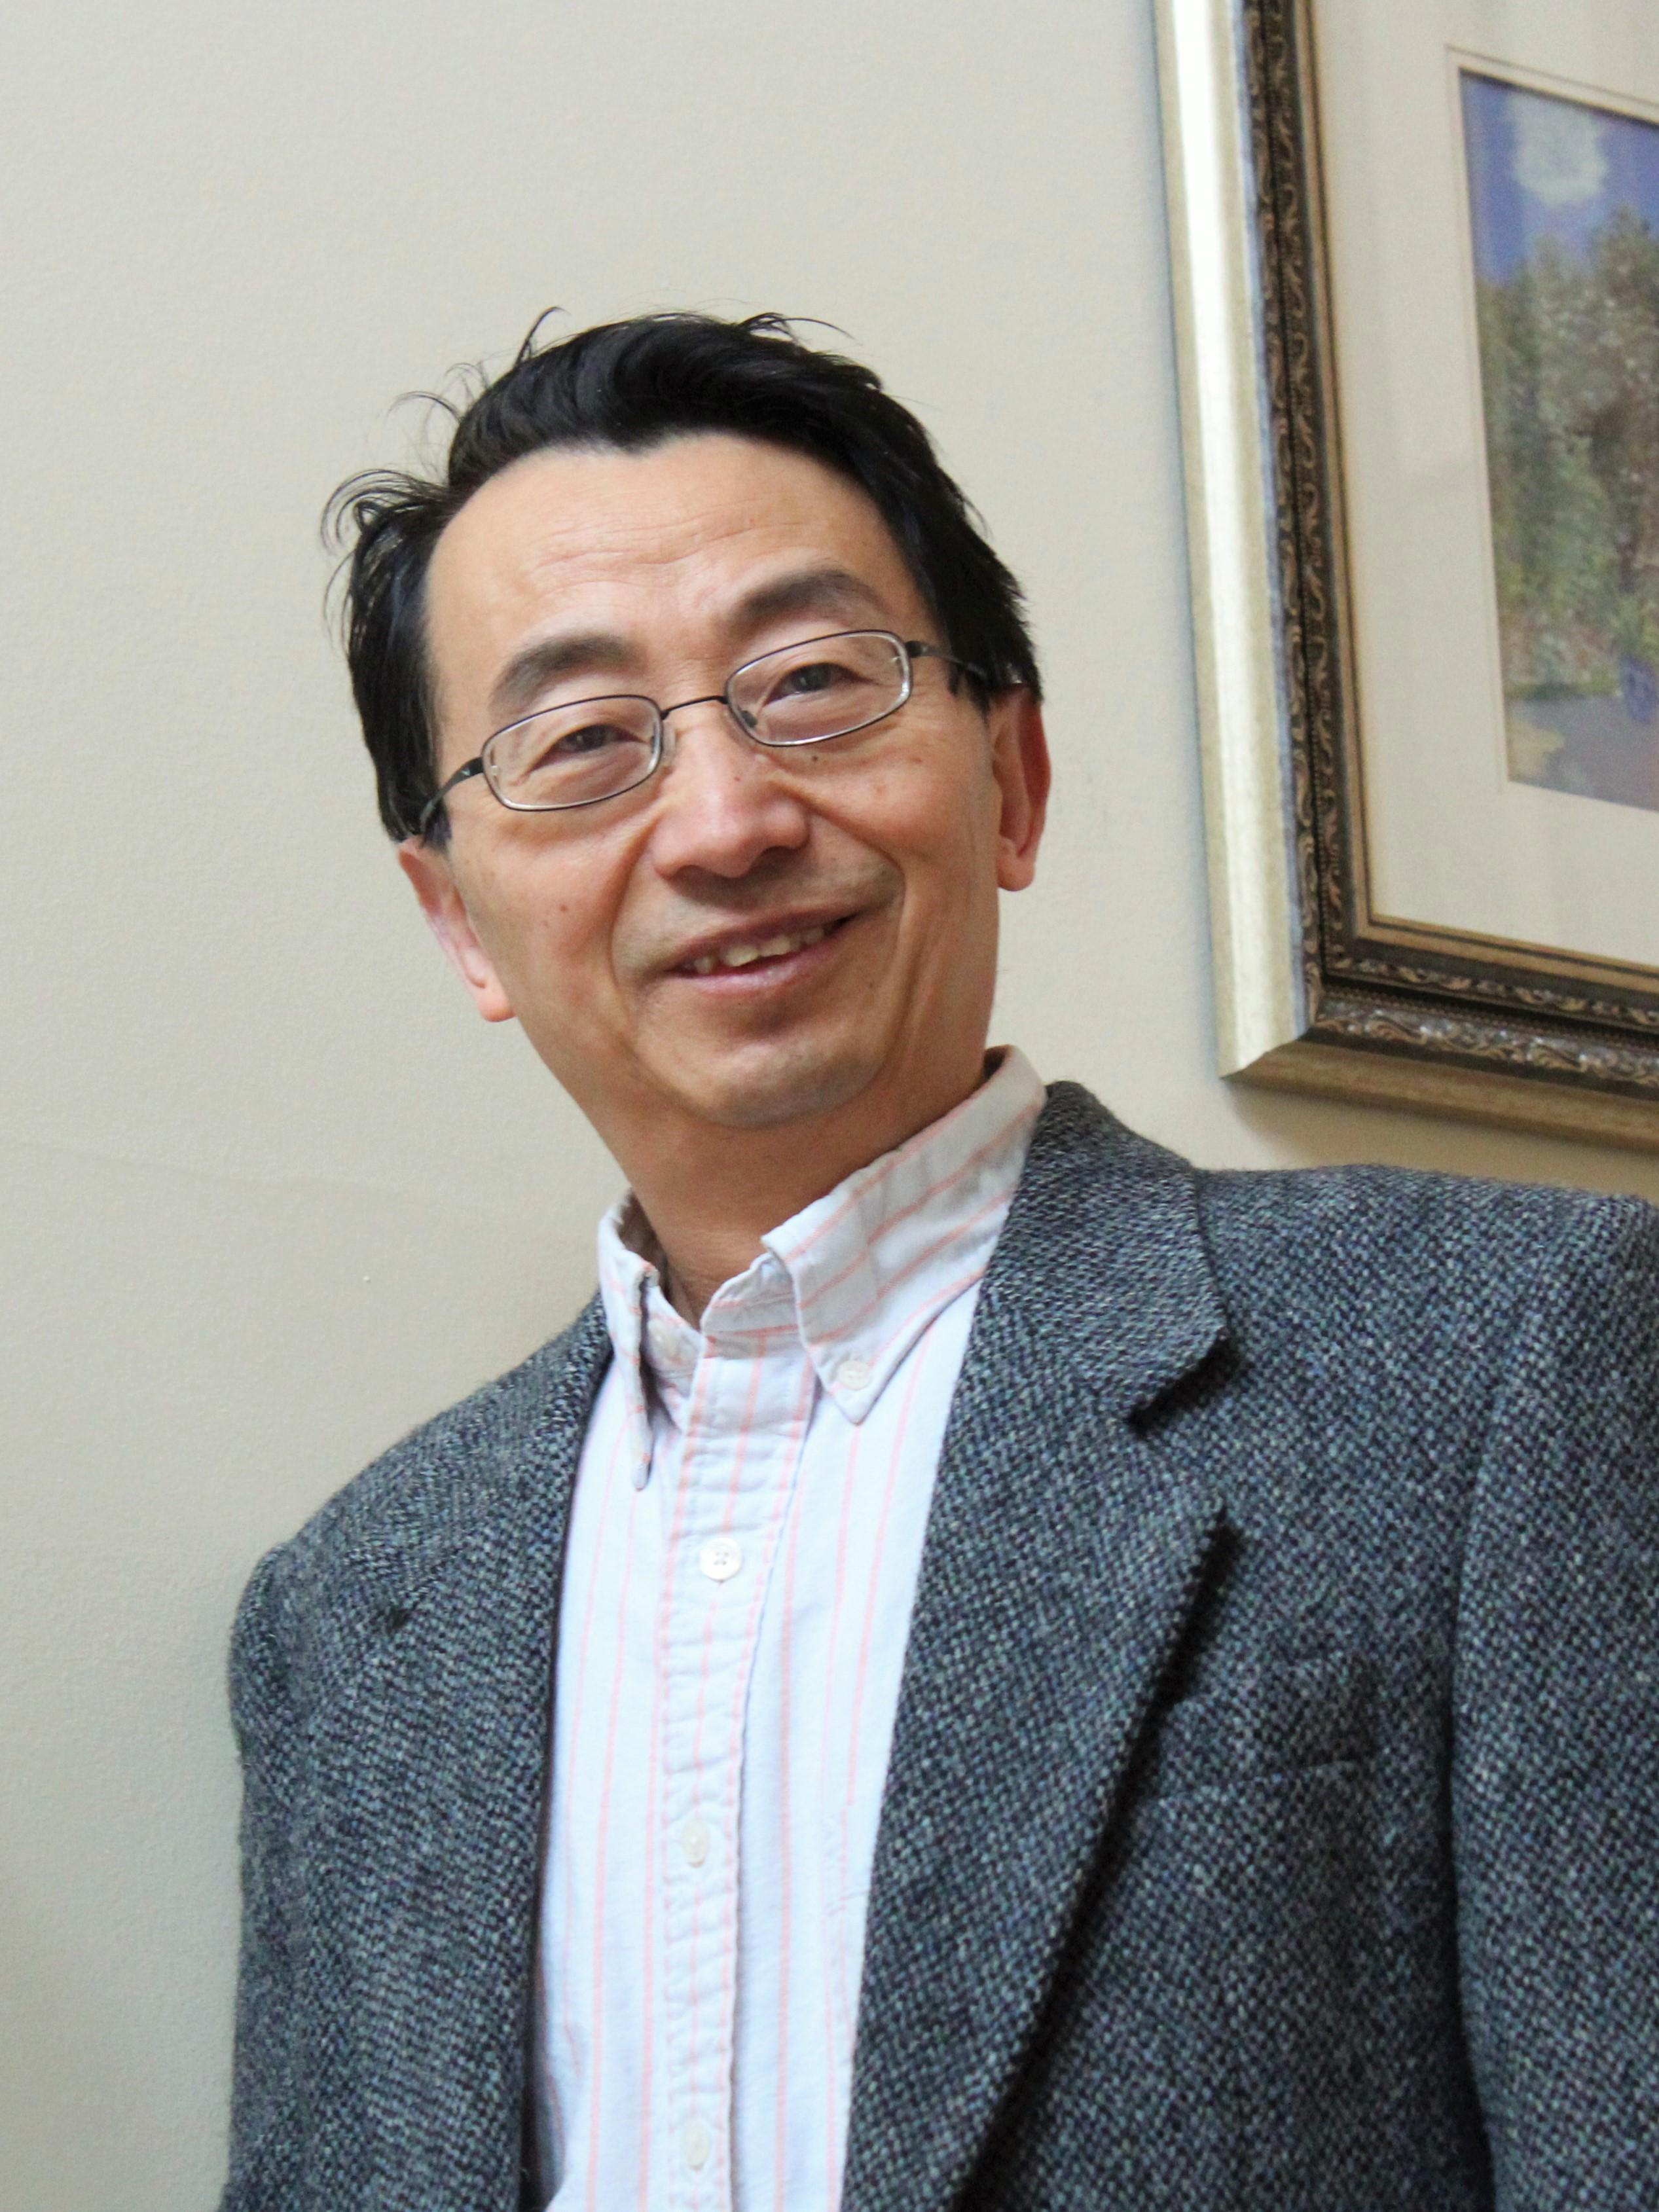 Henry Heng, Ph.D.